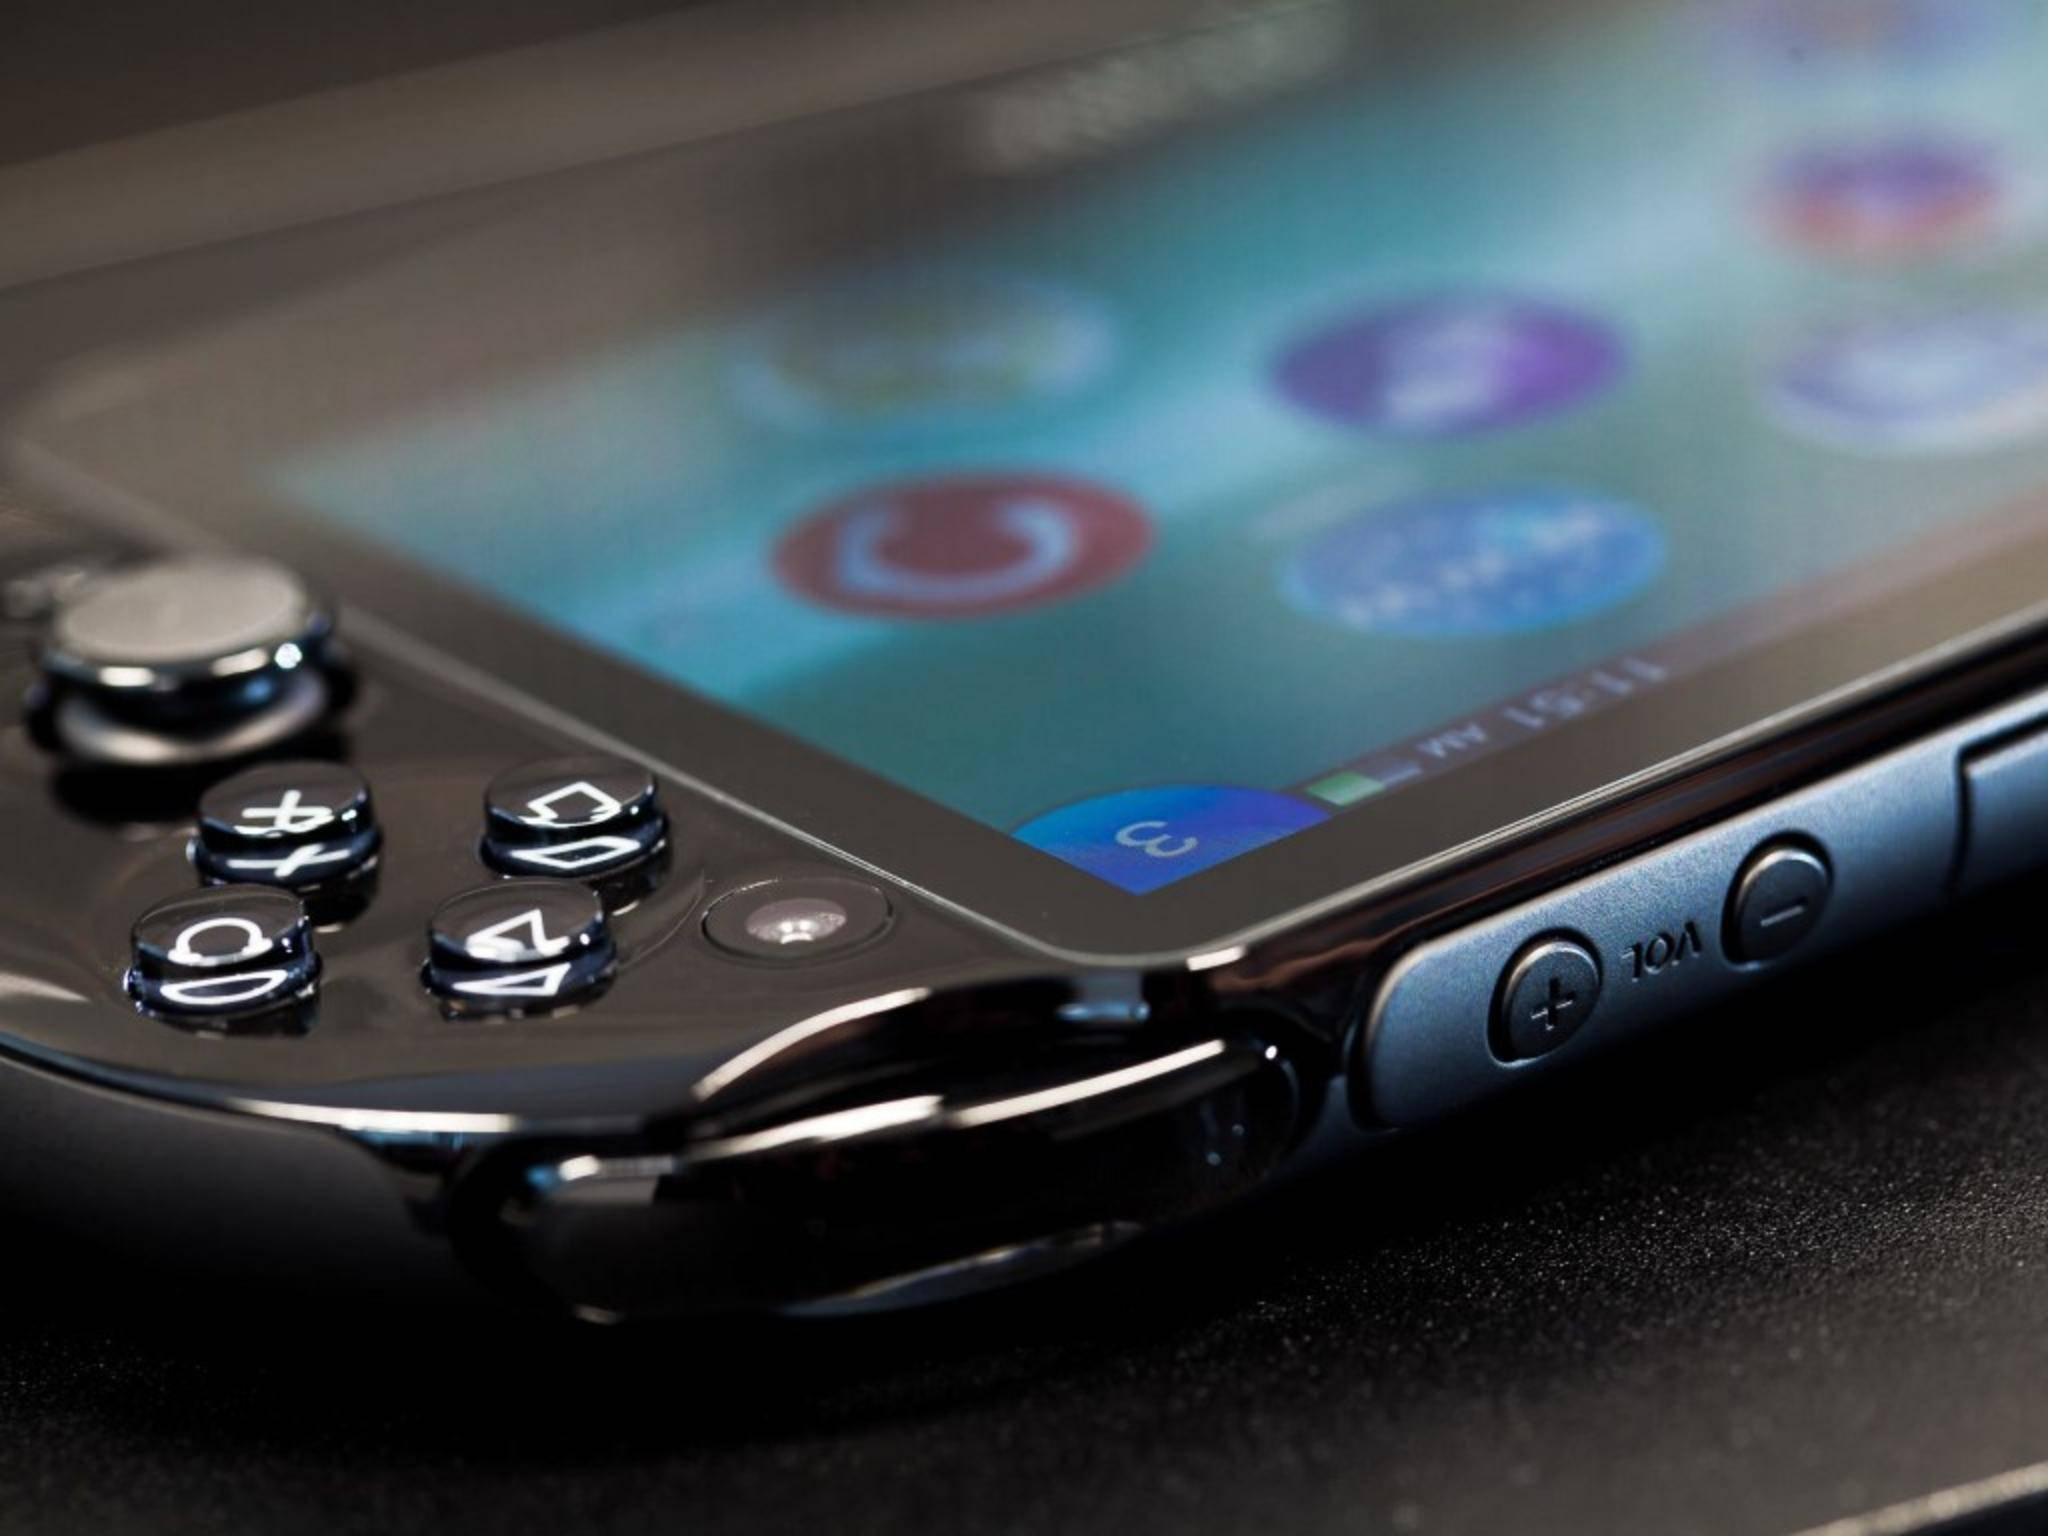 Die PS Vita lässt sich einfach mit der PlayStation 4 koppeln.